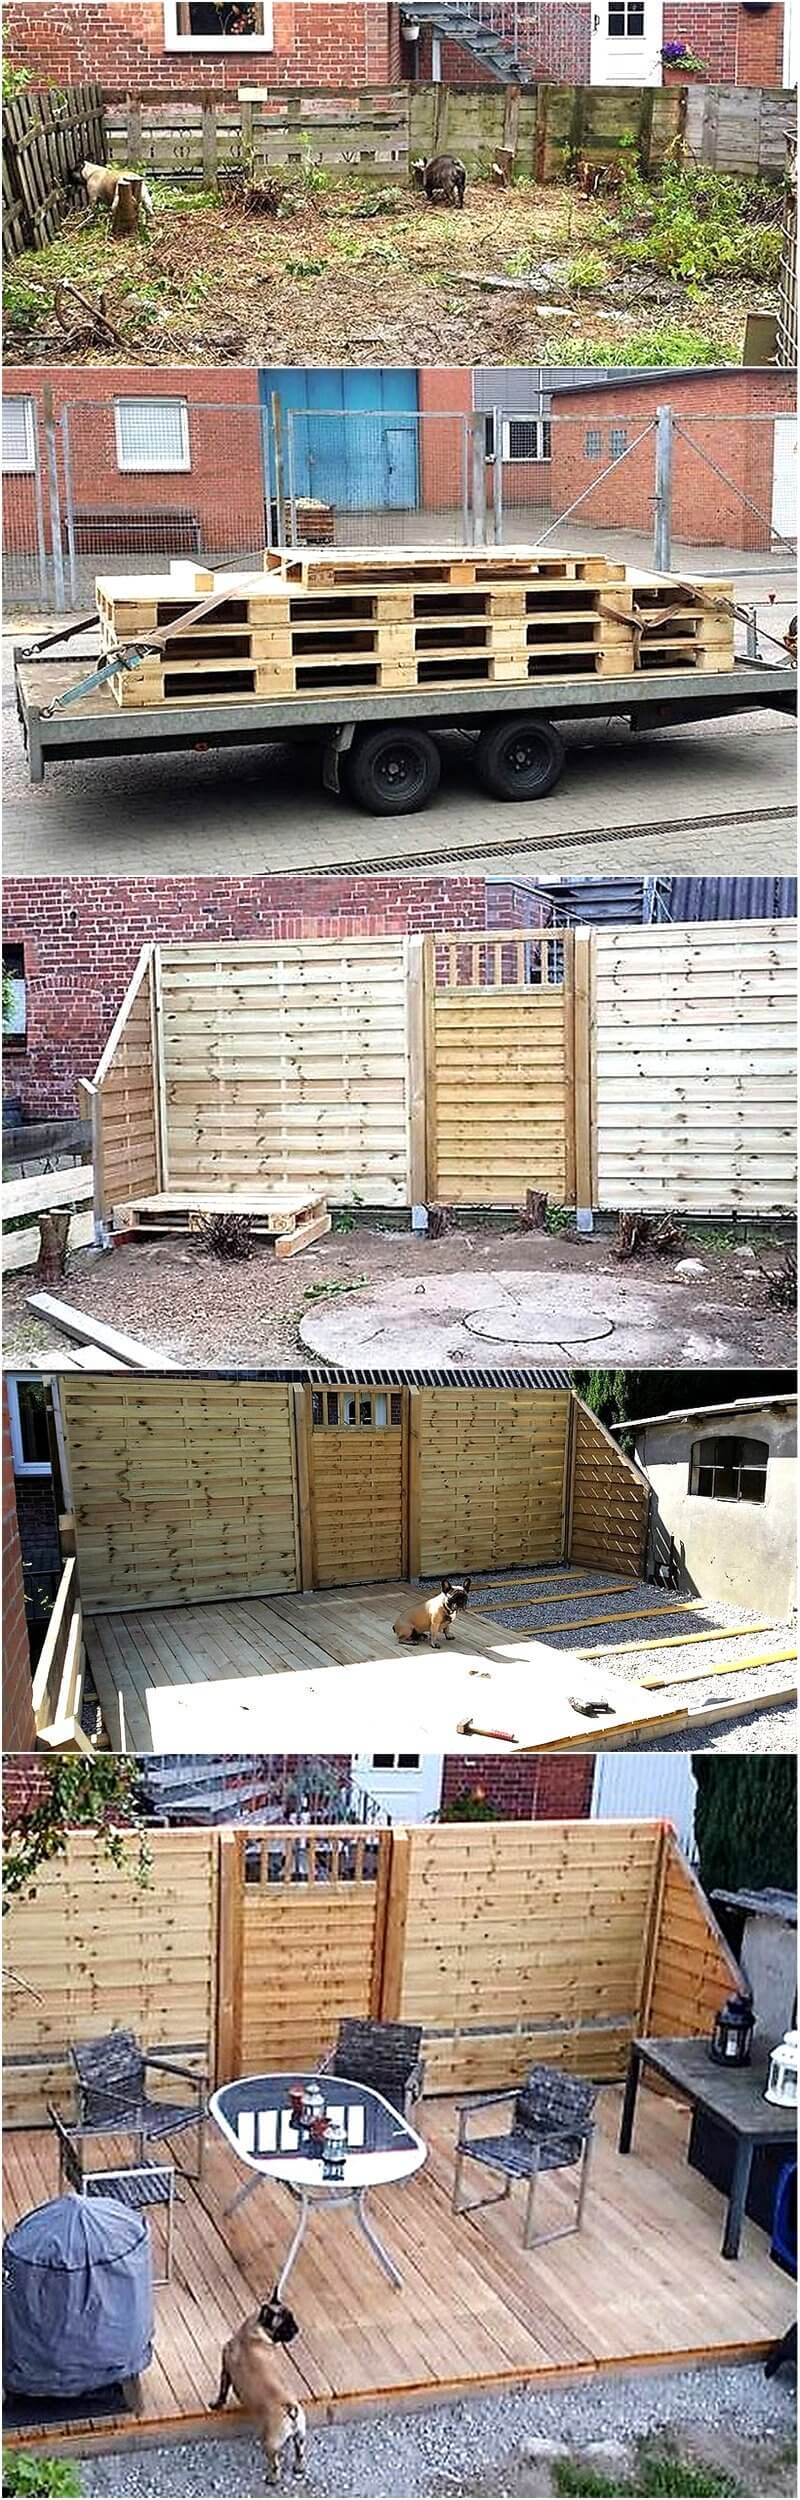 DIY pallets wooden garden deck plan